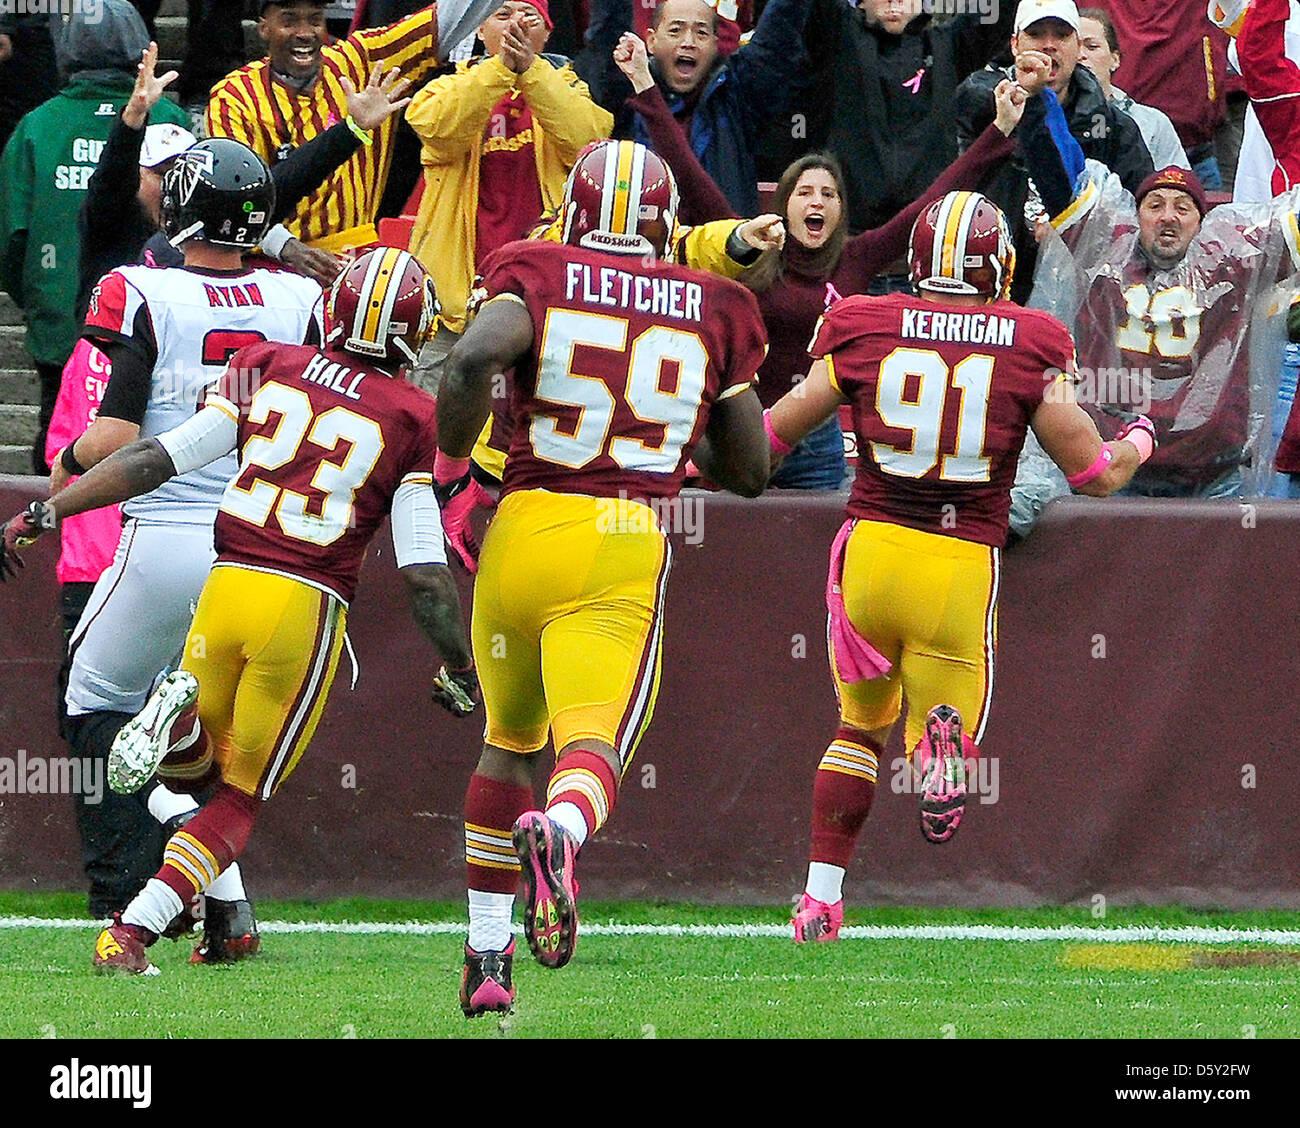 Washington Redskins linebacker Ryan Kerrigan 91 scores a